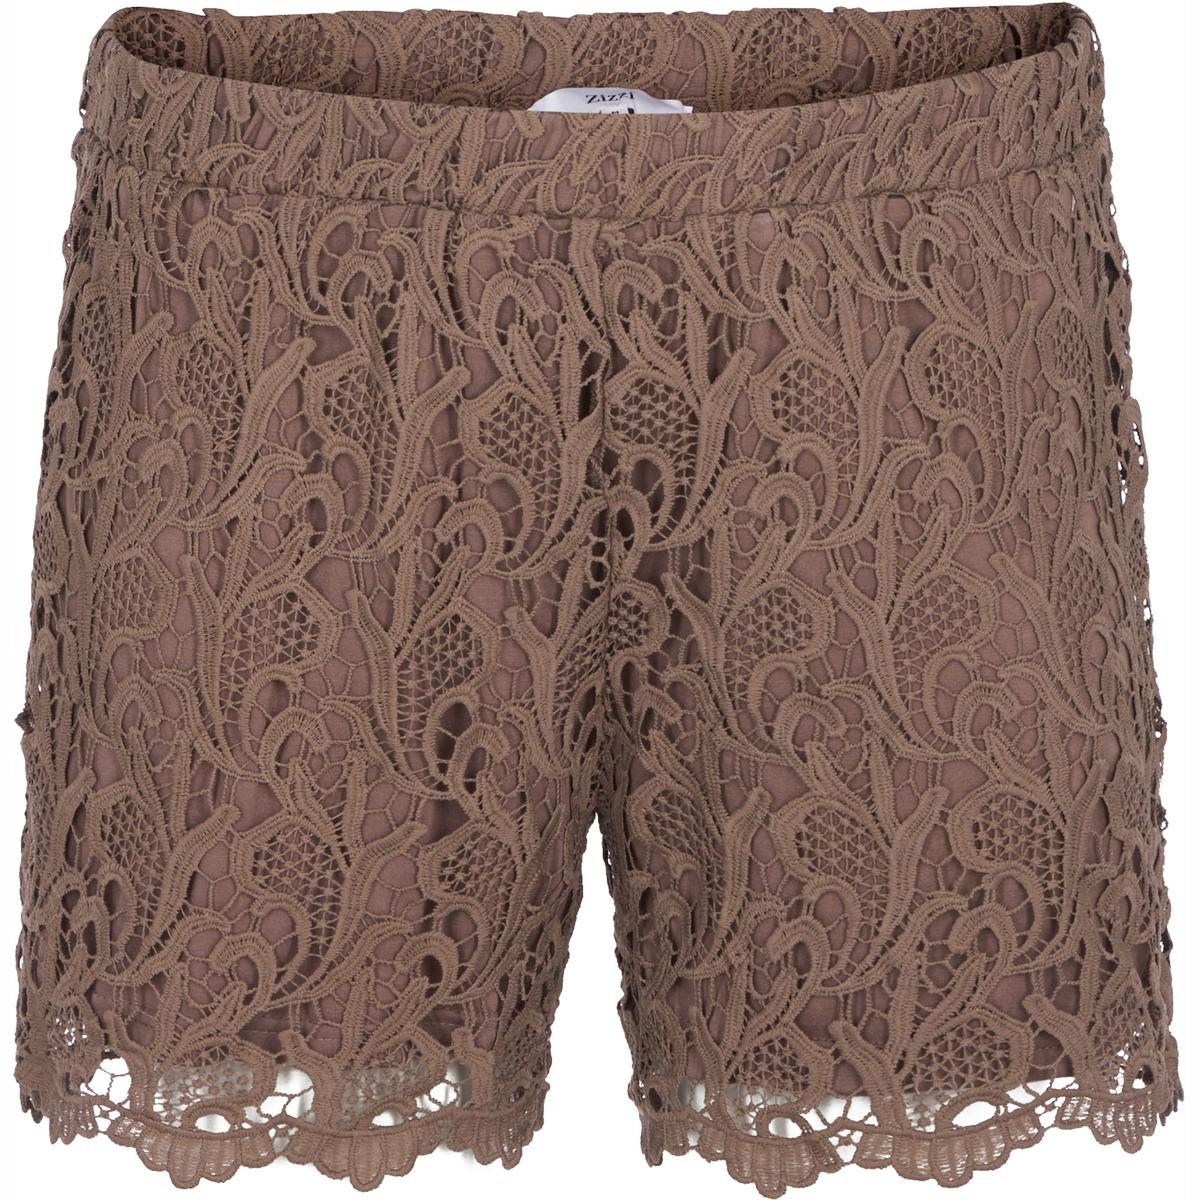 ШортыШорты ZIZZI. Красивые кружевные шорты. Свободный и комфортный покрой, эластичный пояс. 100% полиэстер<br><br>Цвет: темно-бежевый